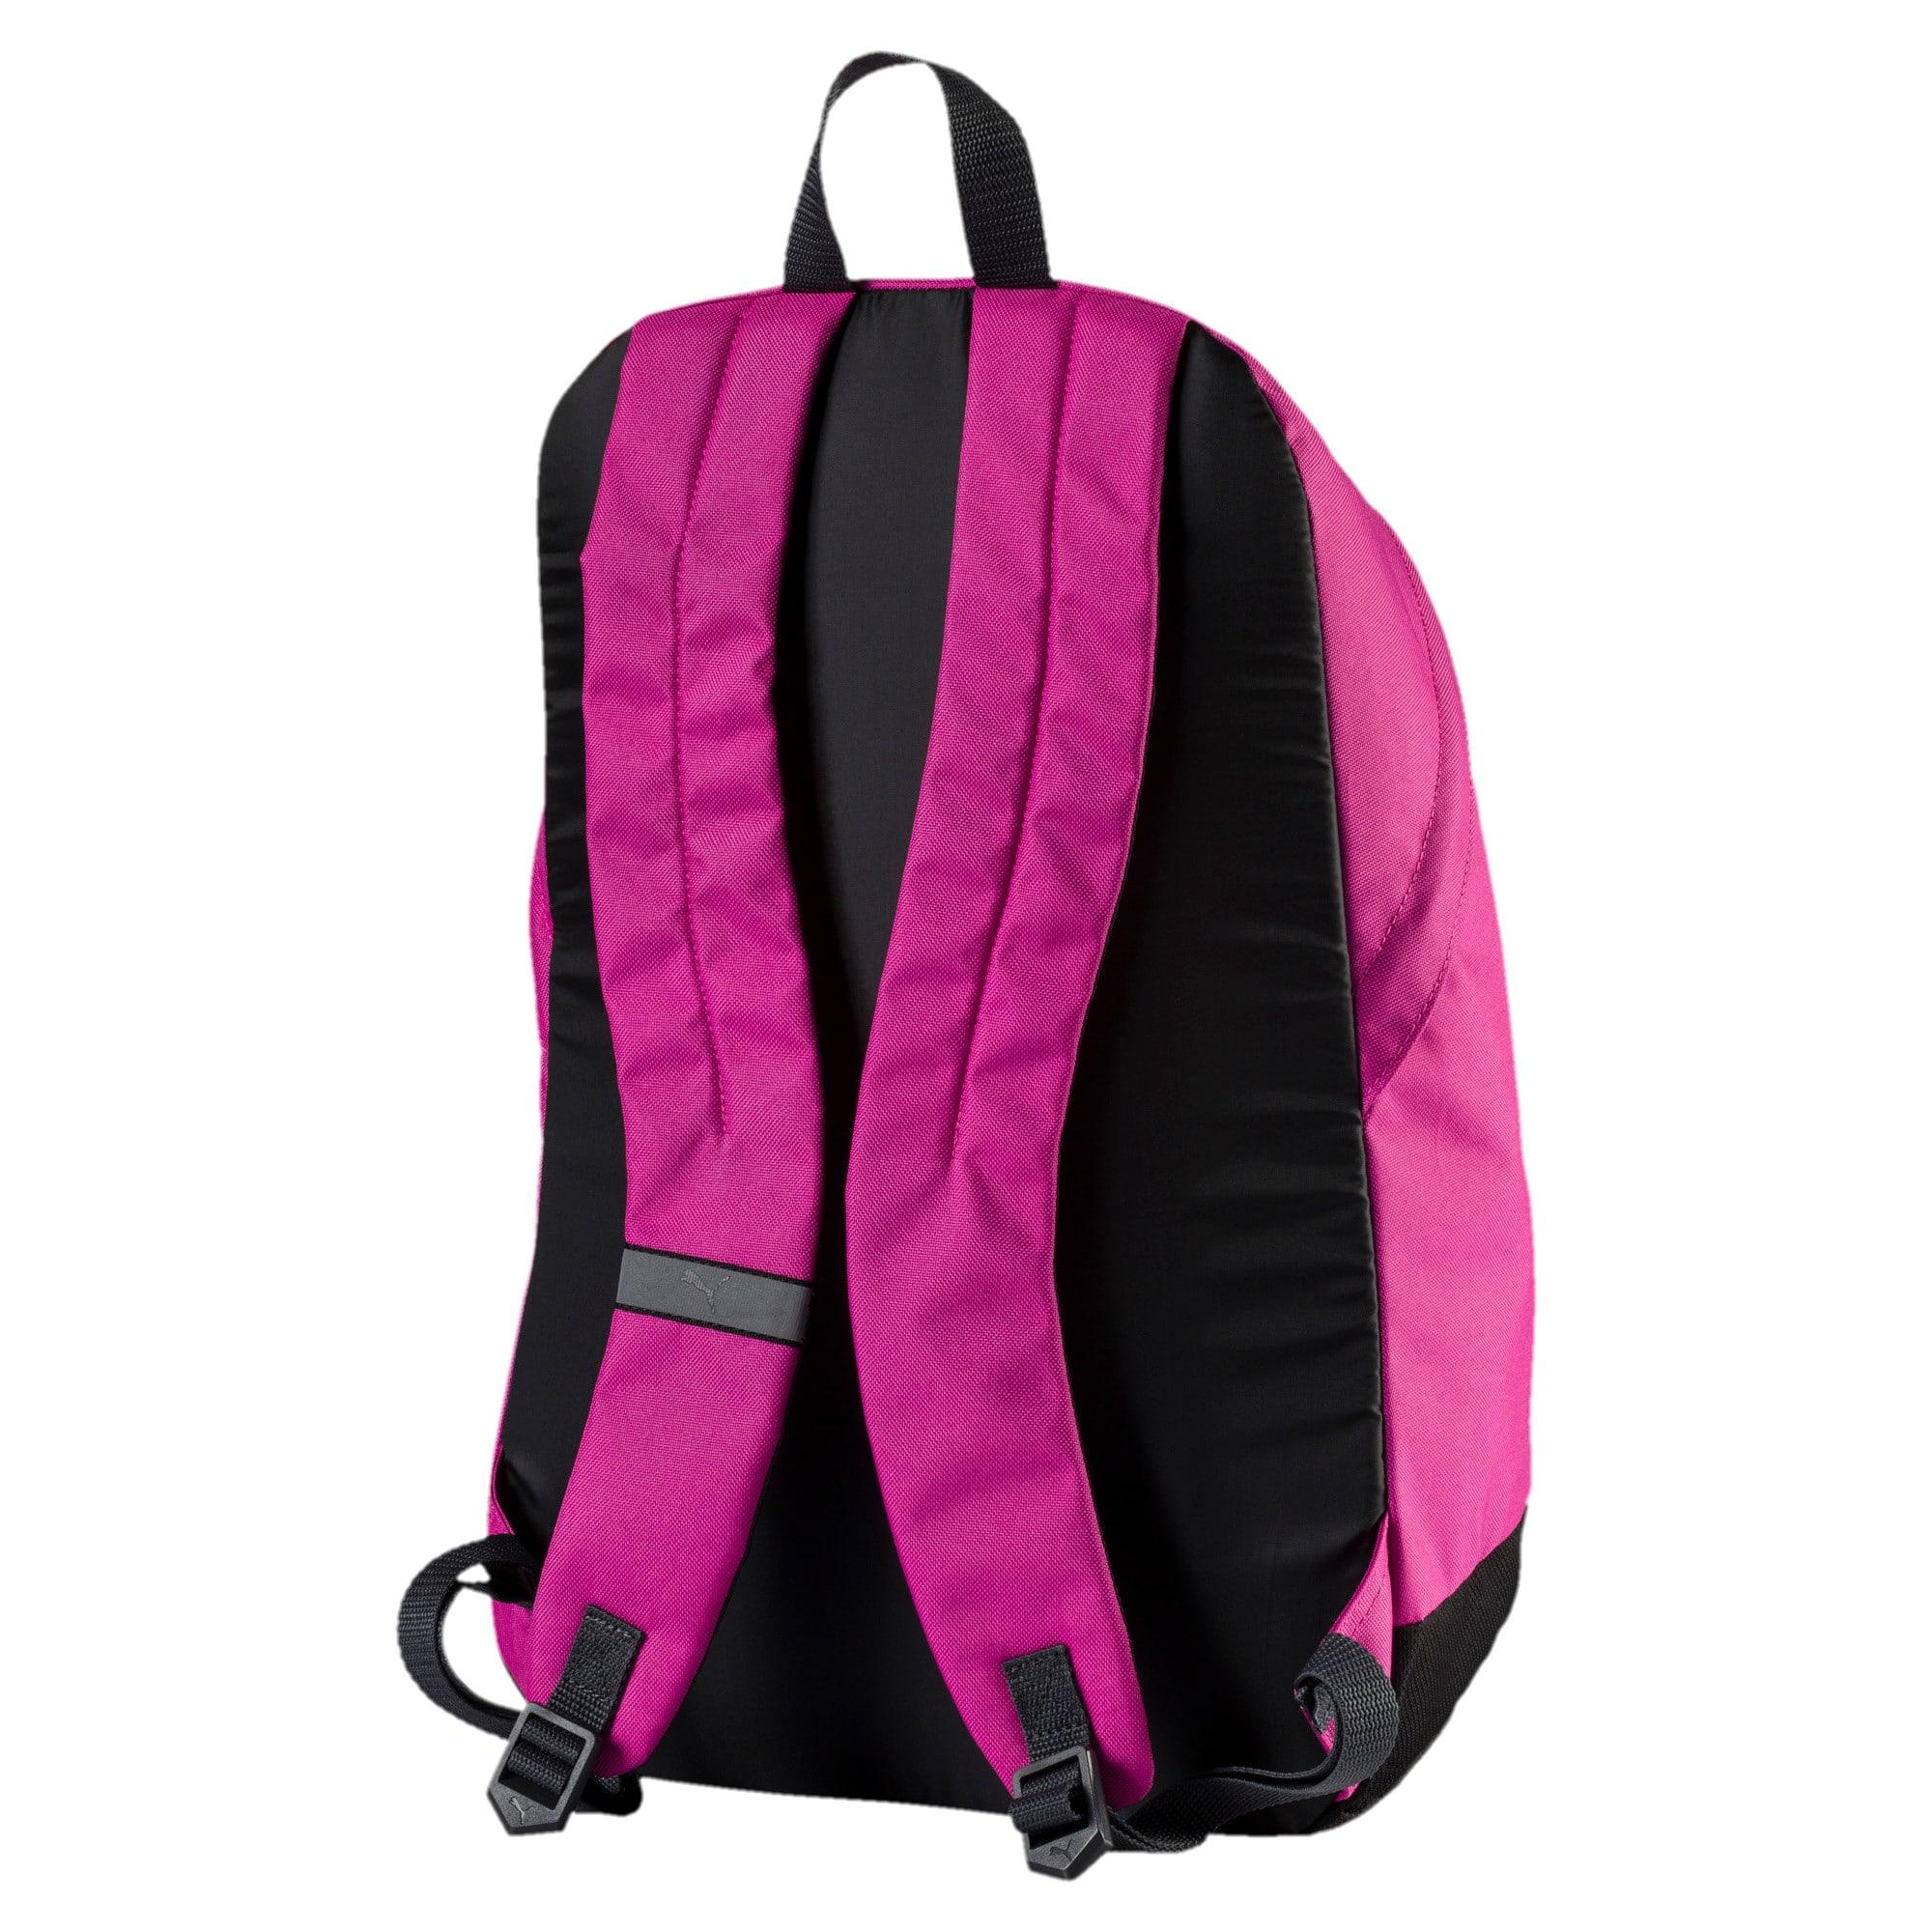 Thumbnail 2 of Pioneer Backpack II, Rose Violet, medium-IND